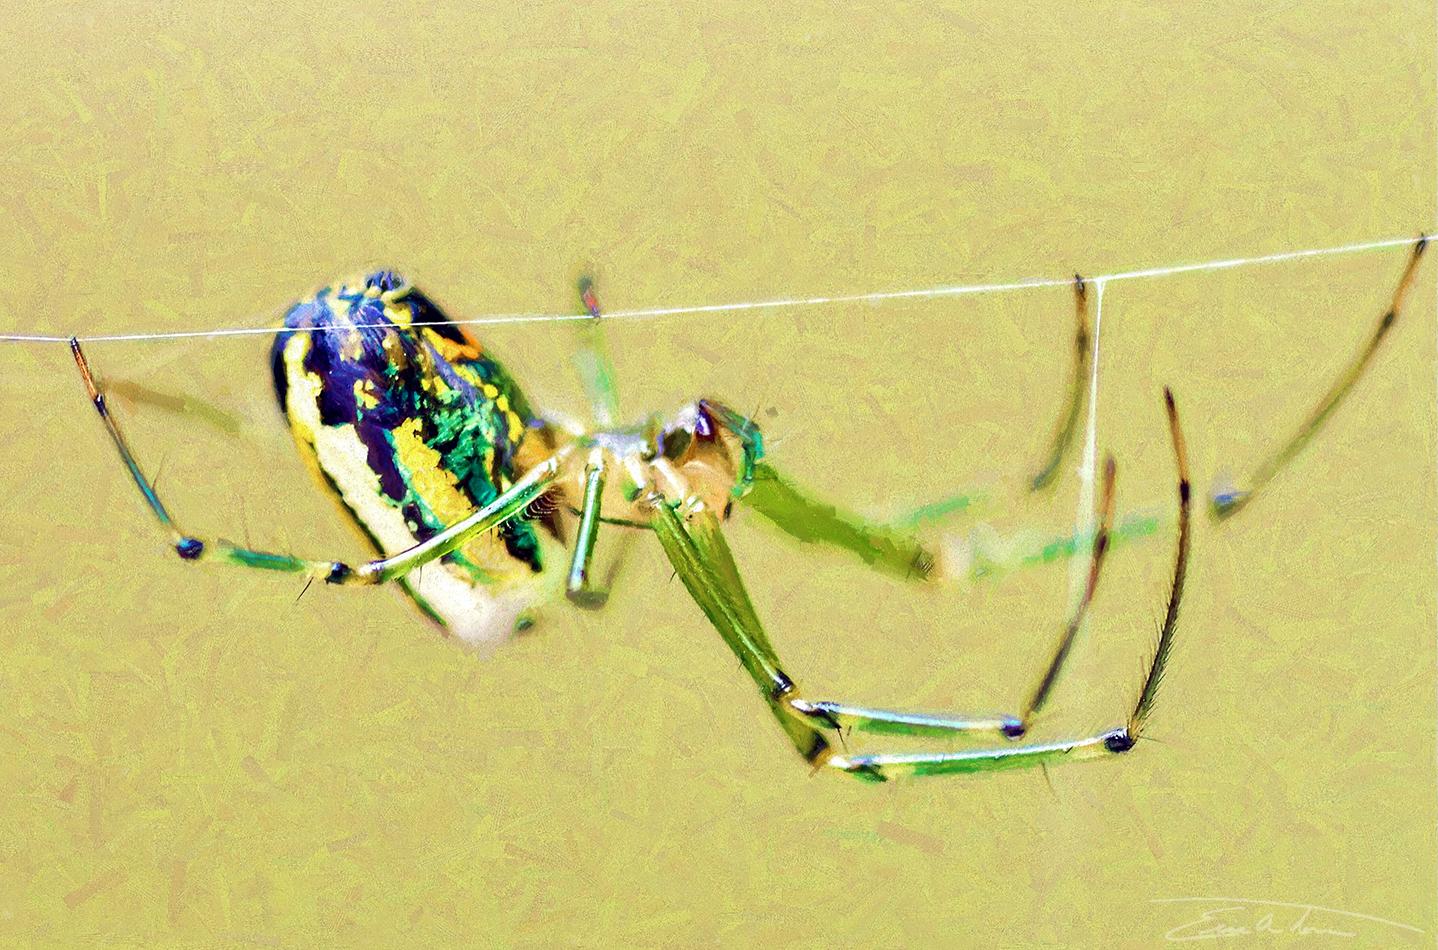 Tiny Green Spider by eccoarts